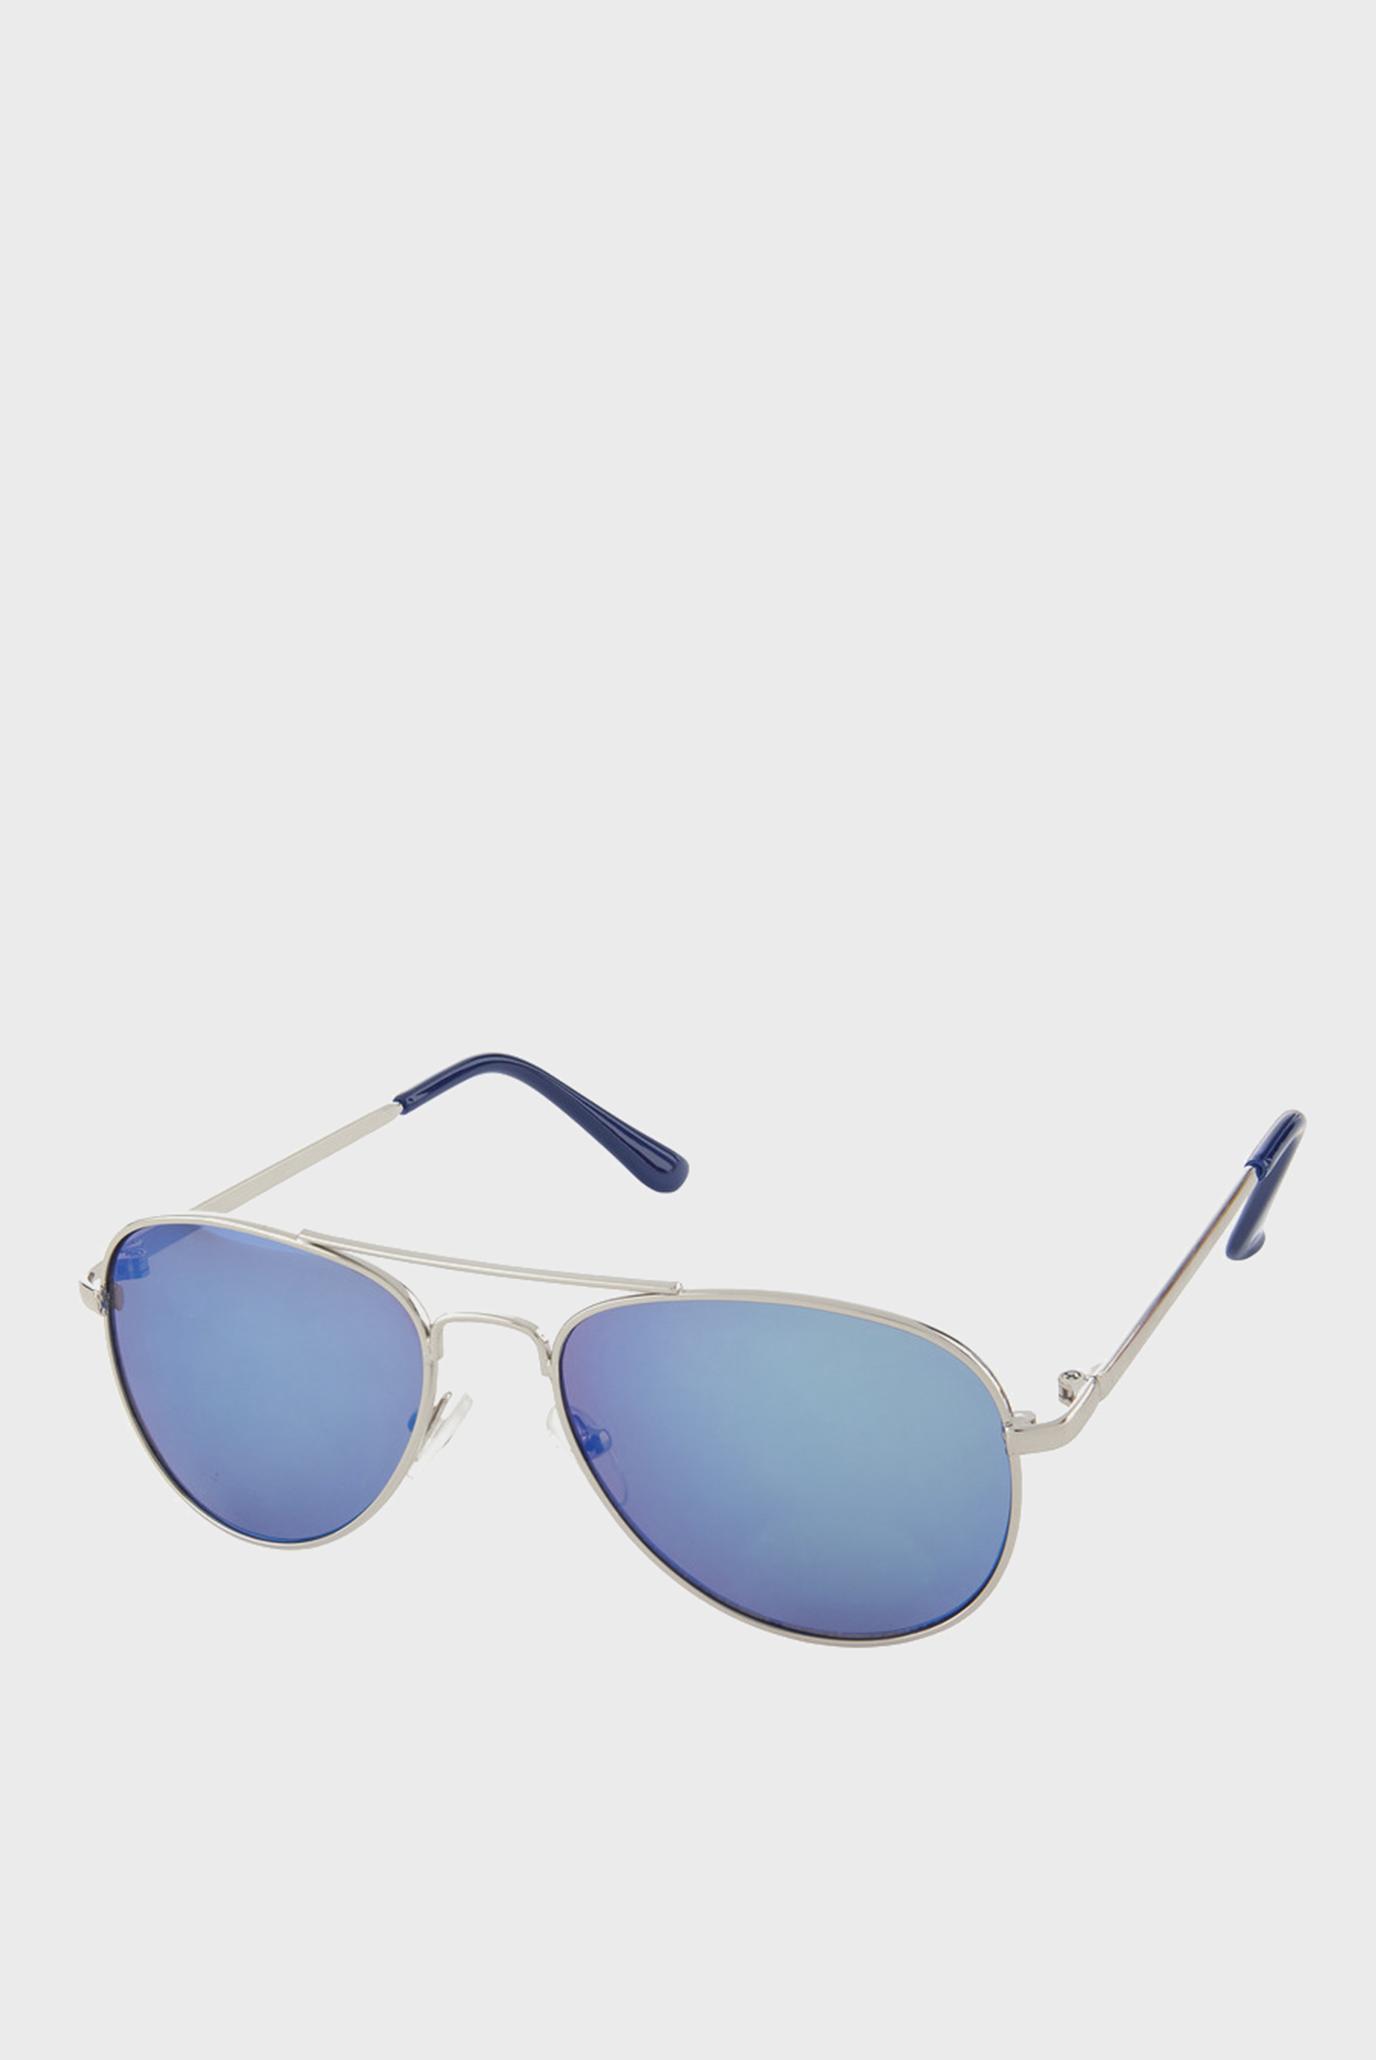 Купить Детские солнцезащитные очки AVIATOR Monsoon Children Monsoon Children 610299 – Киев, Украина. Цены в интернет магазине MD Fashion